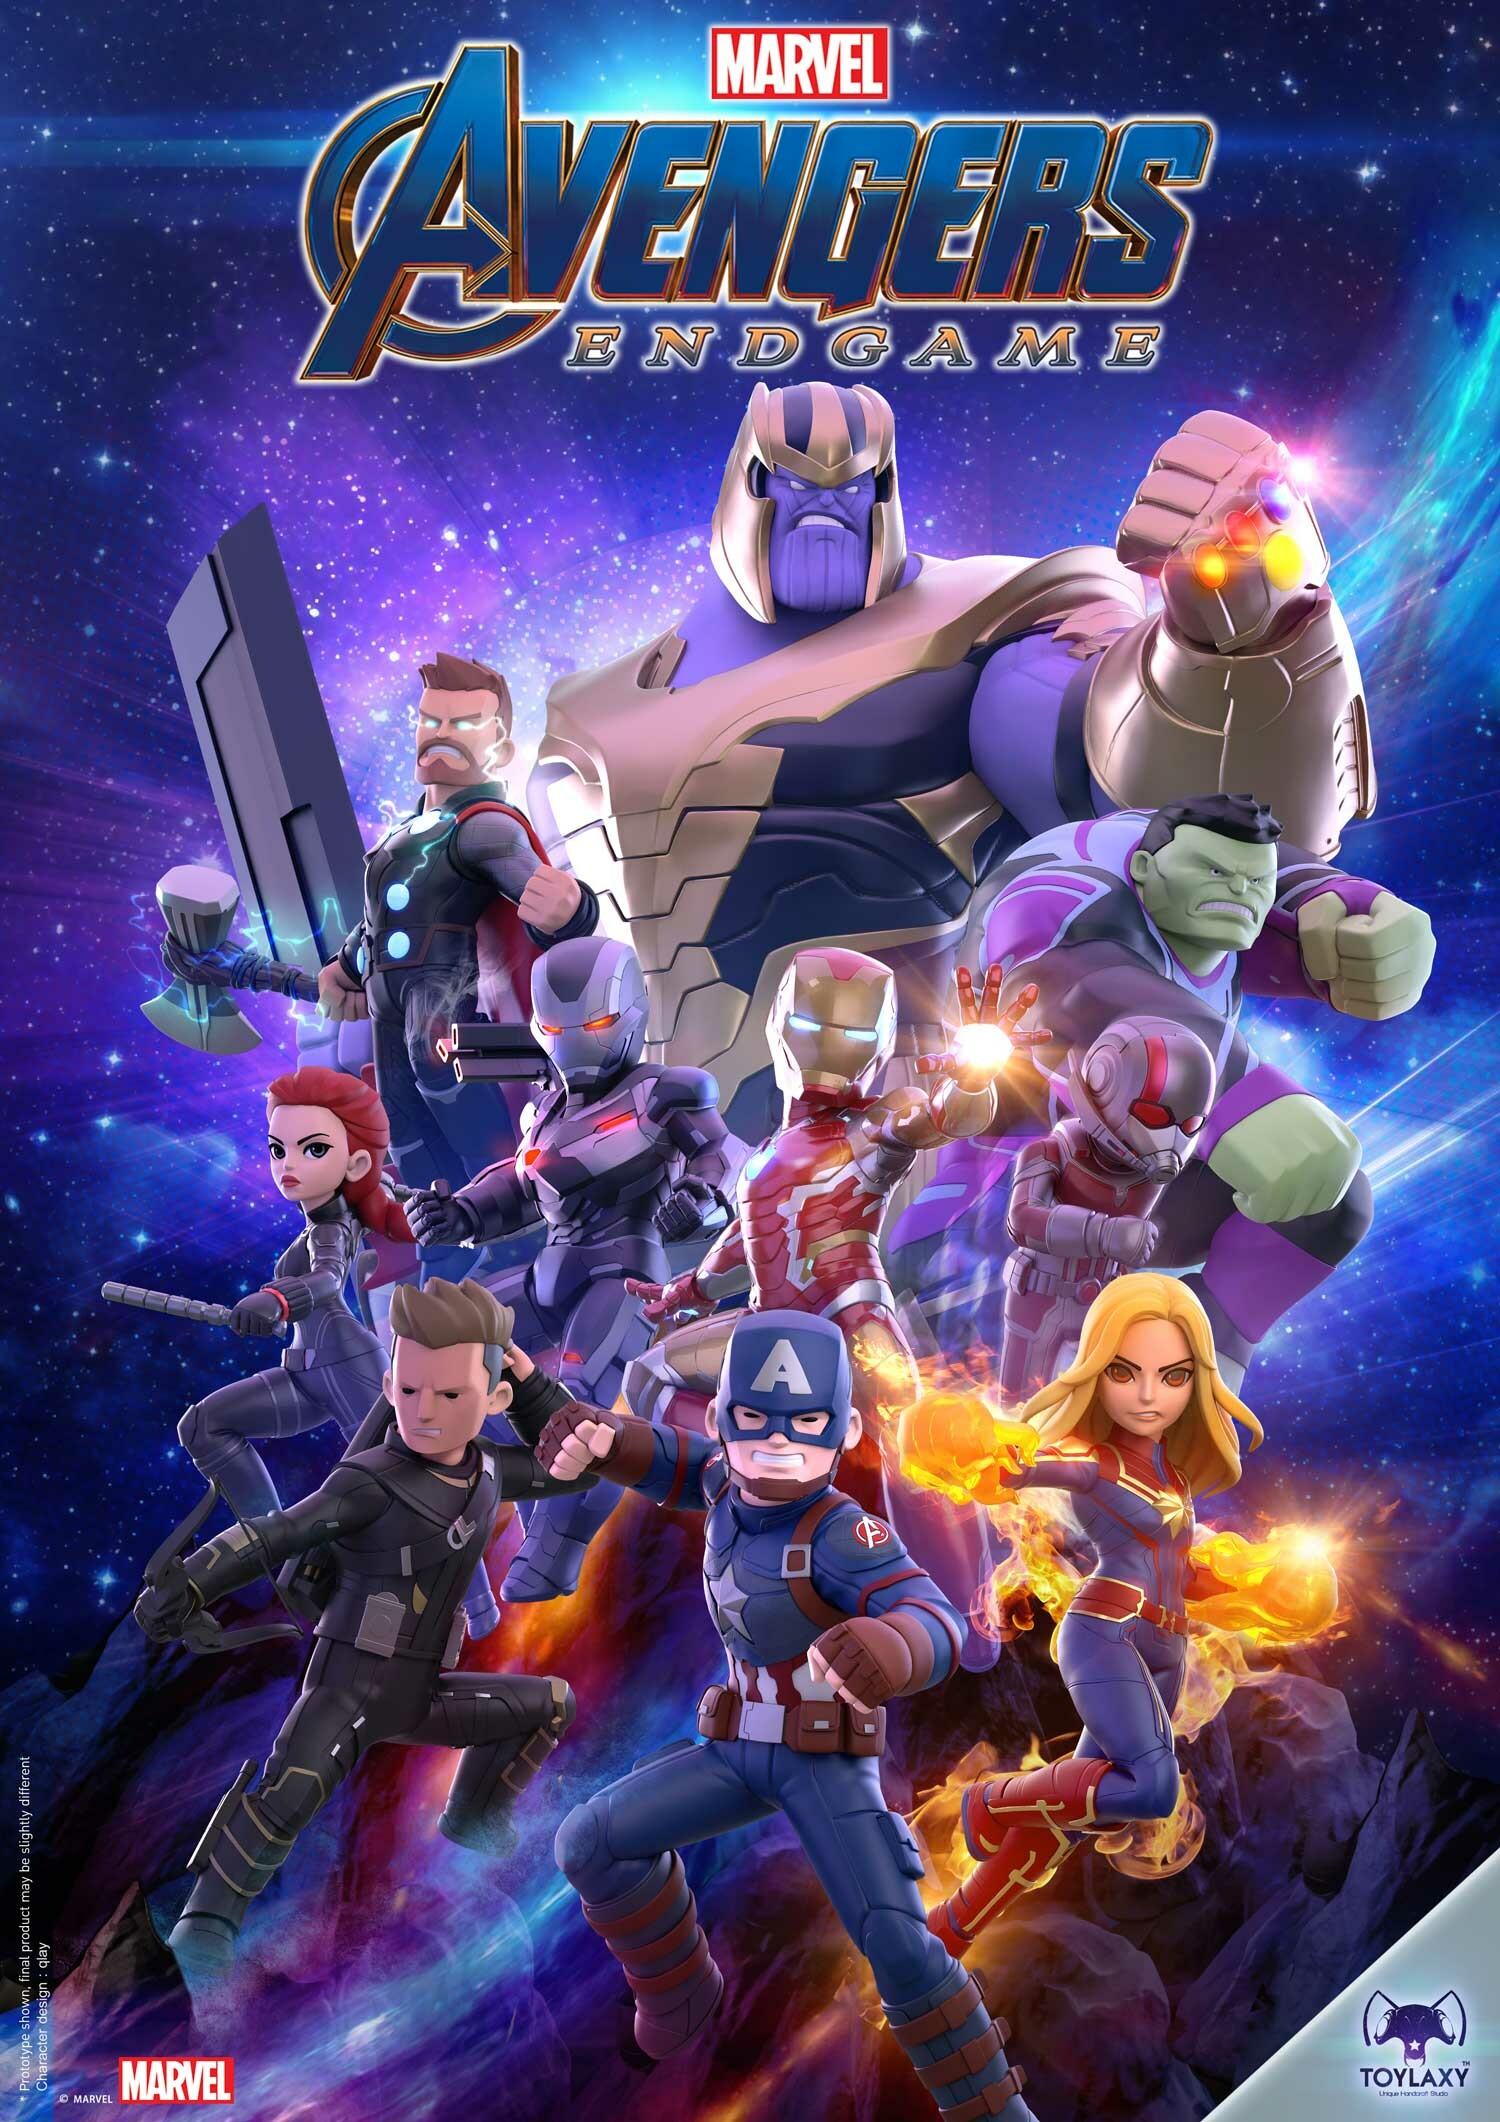 Artstation Avengers Endgame Rattasat Pinnate